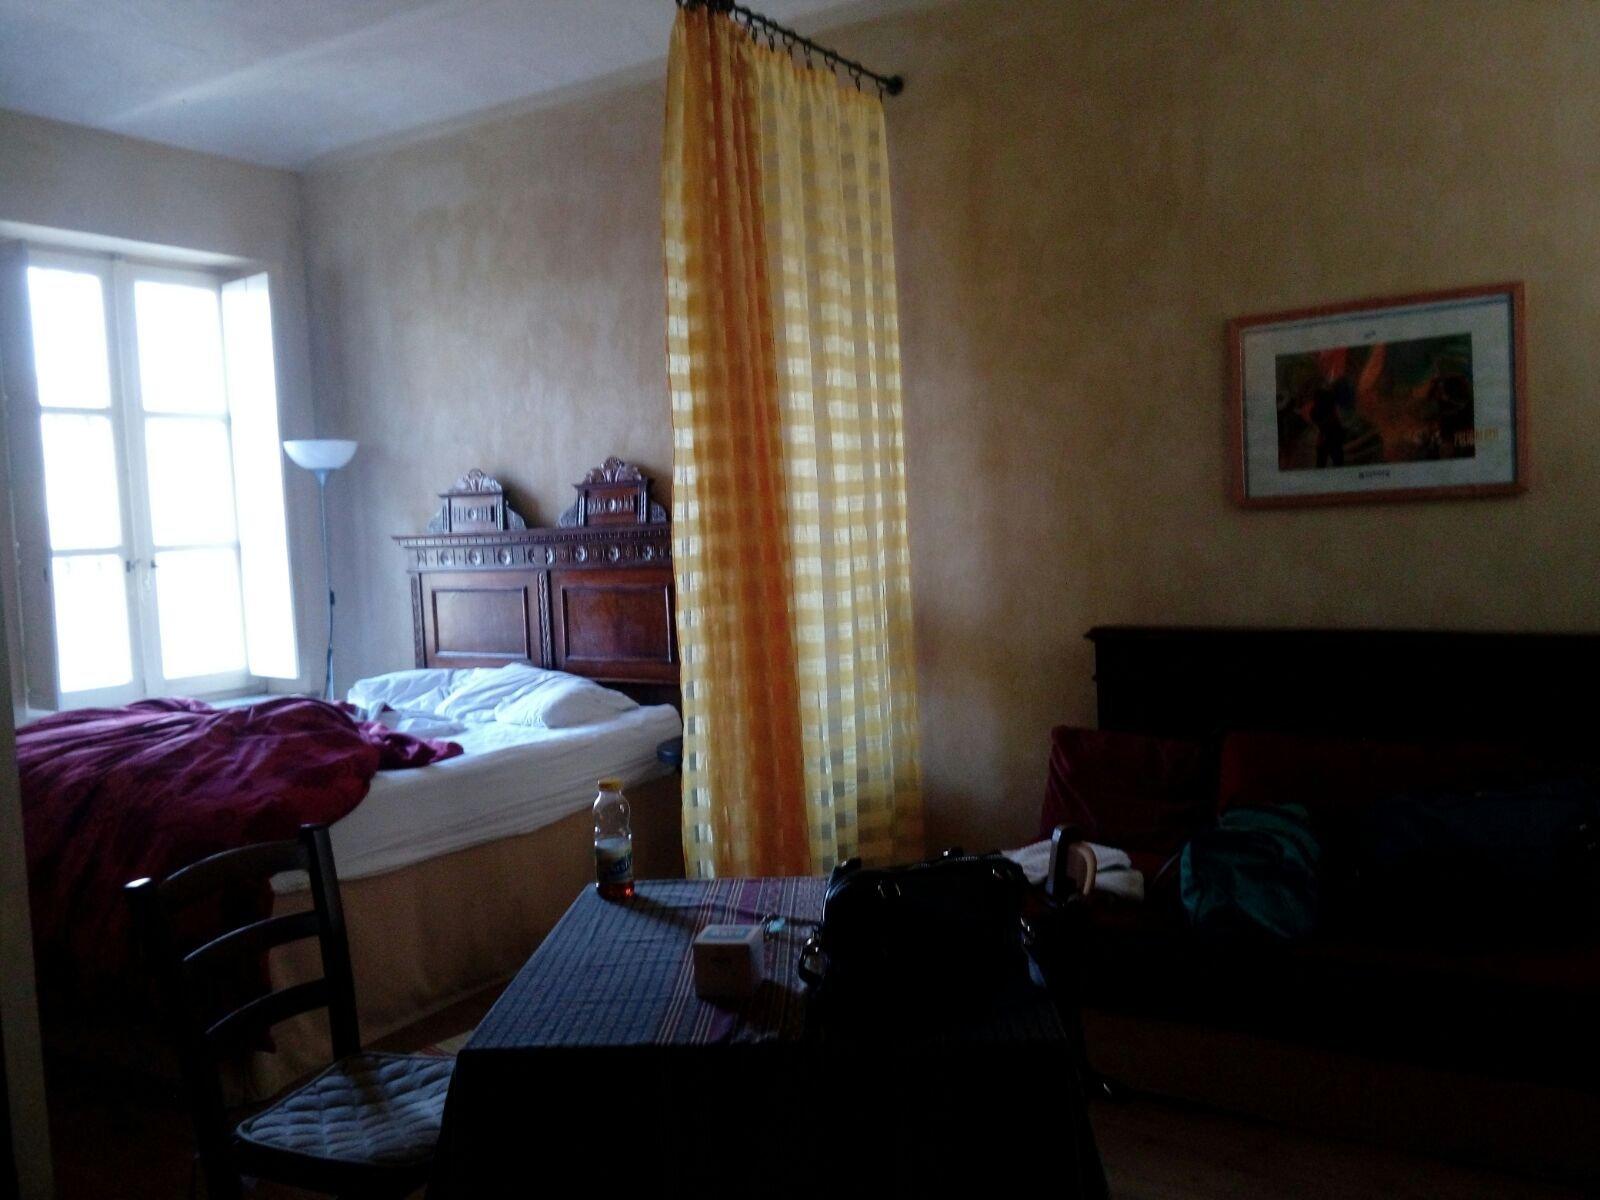 安蒂卡卡薩內比奧羅飯店